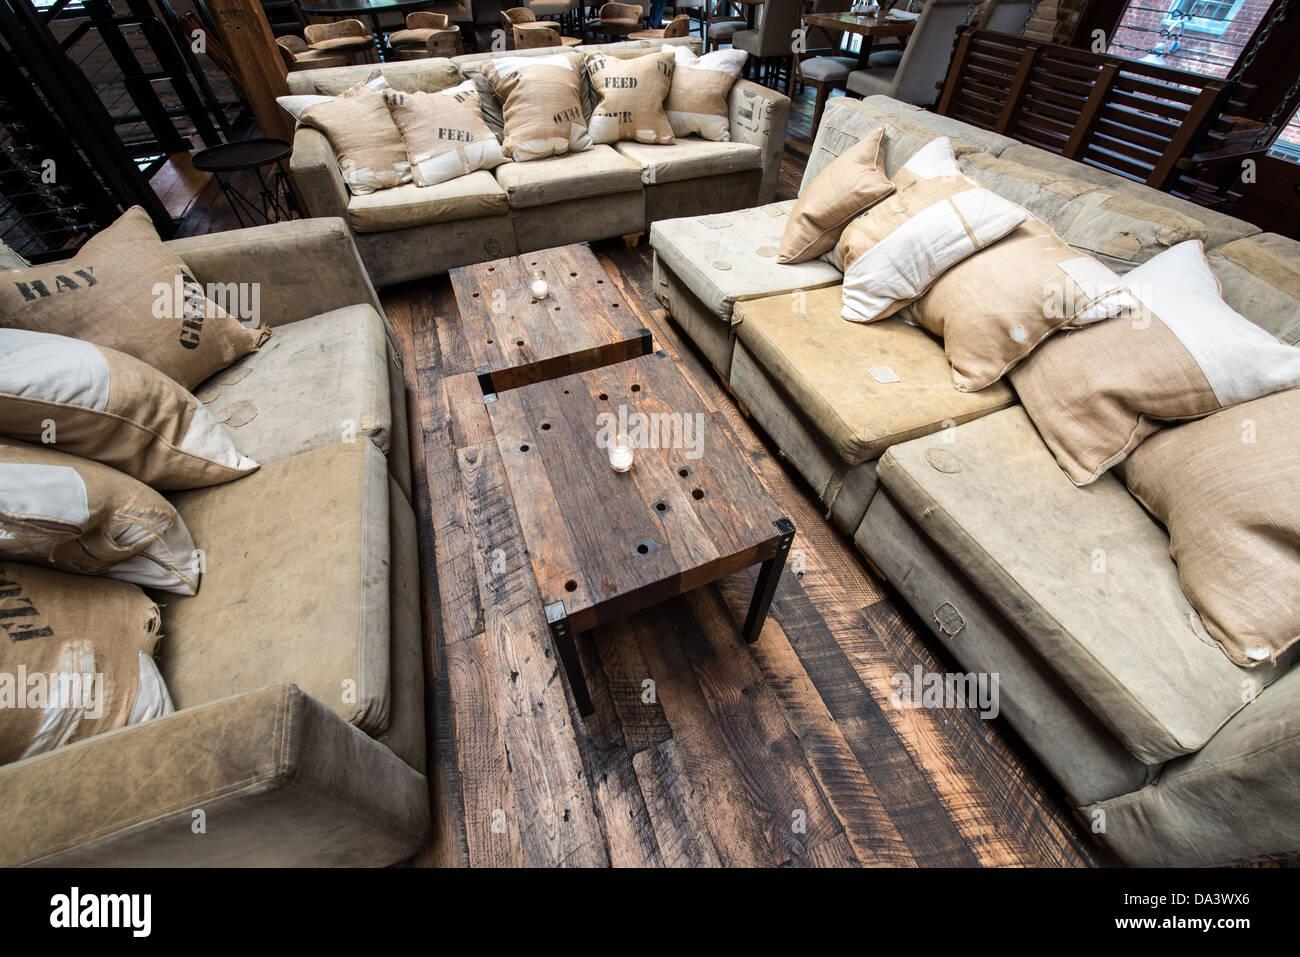 Rustic restaurant furniture - A Rustic Lounge Setting In A Restaurant